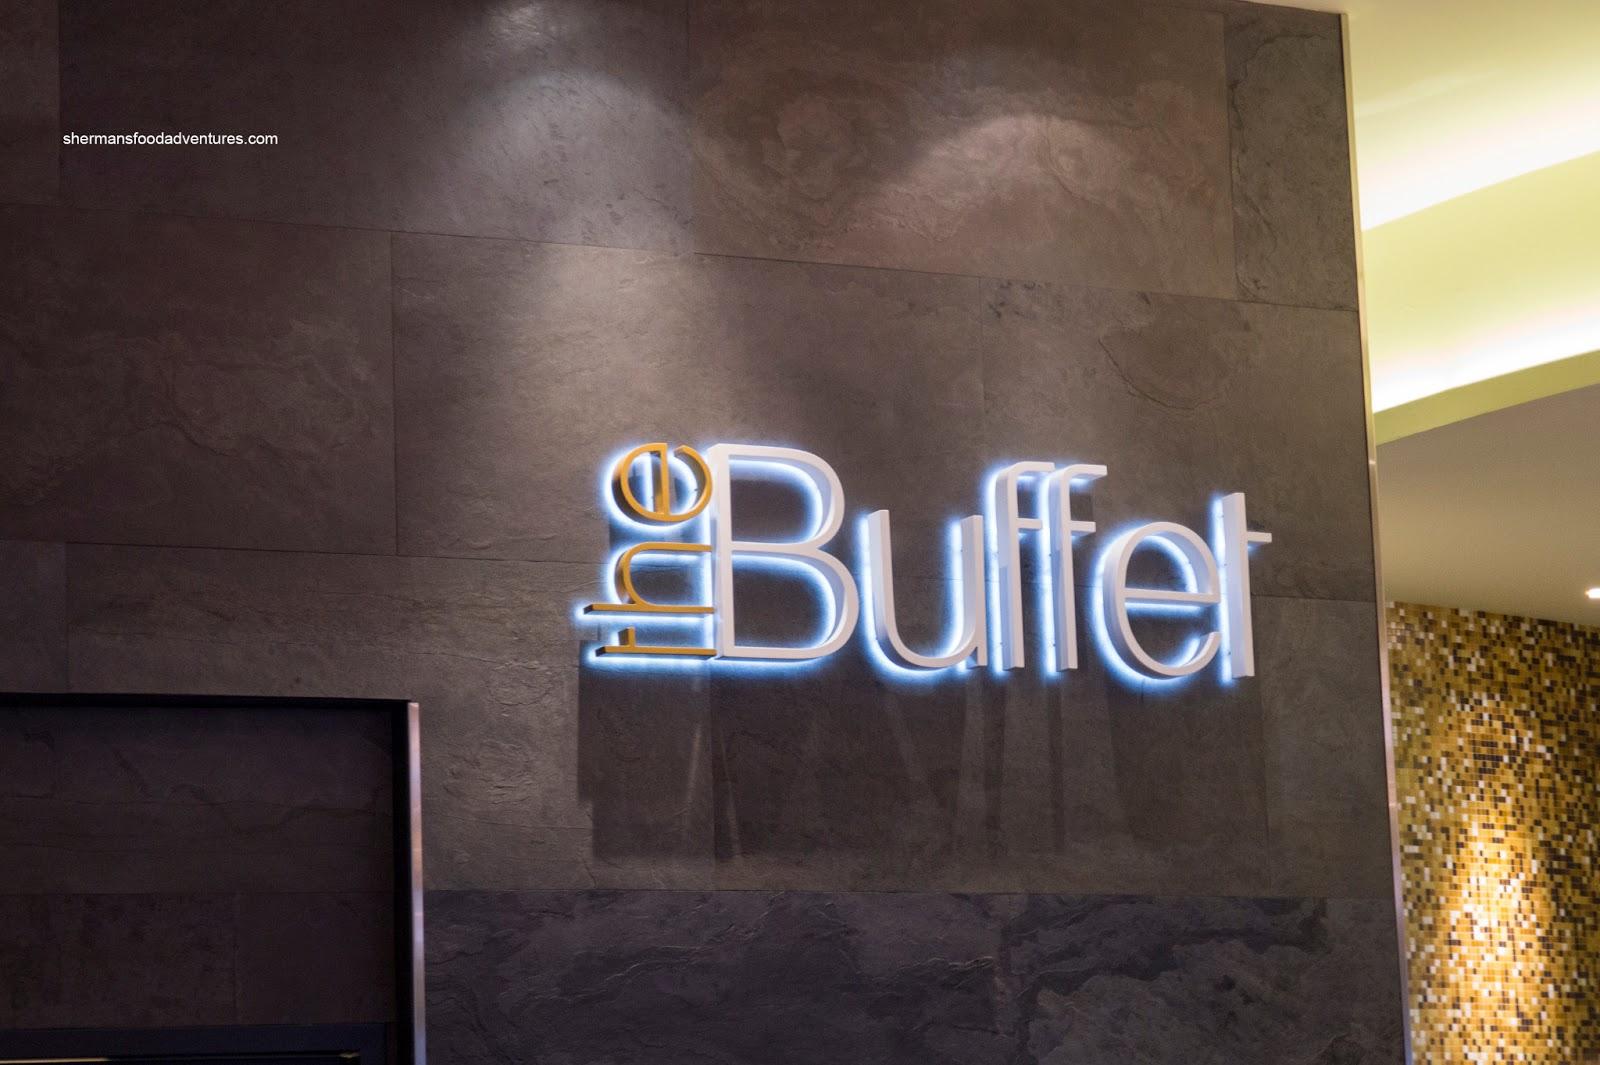 The buffet at grand villa casino burnaby bc